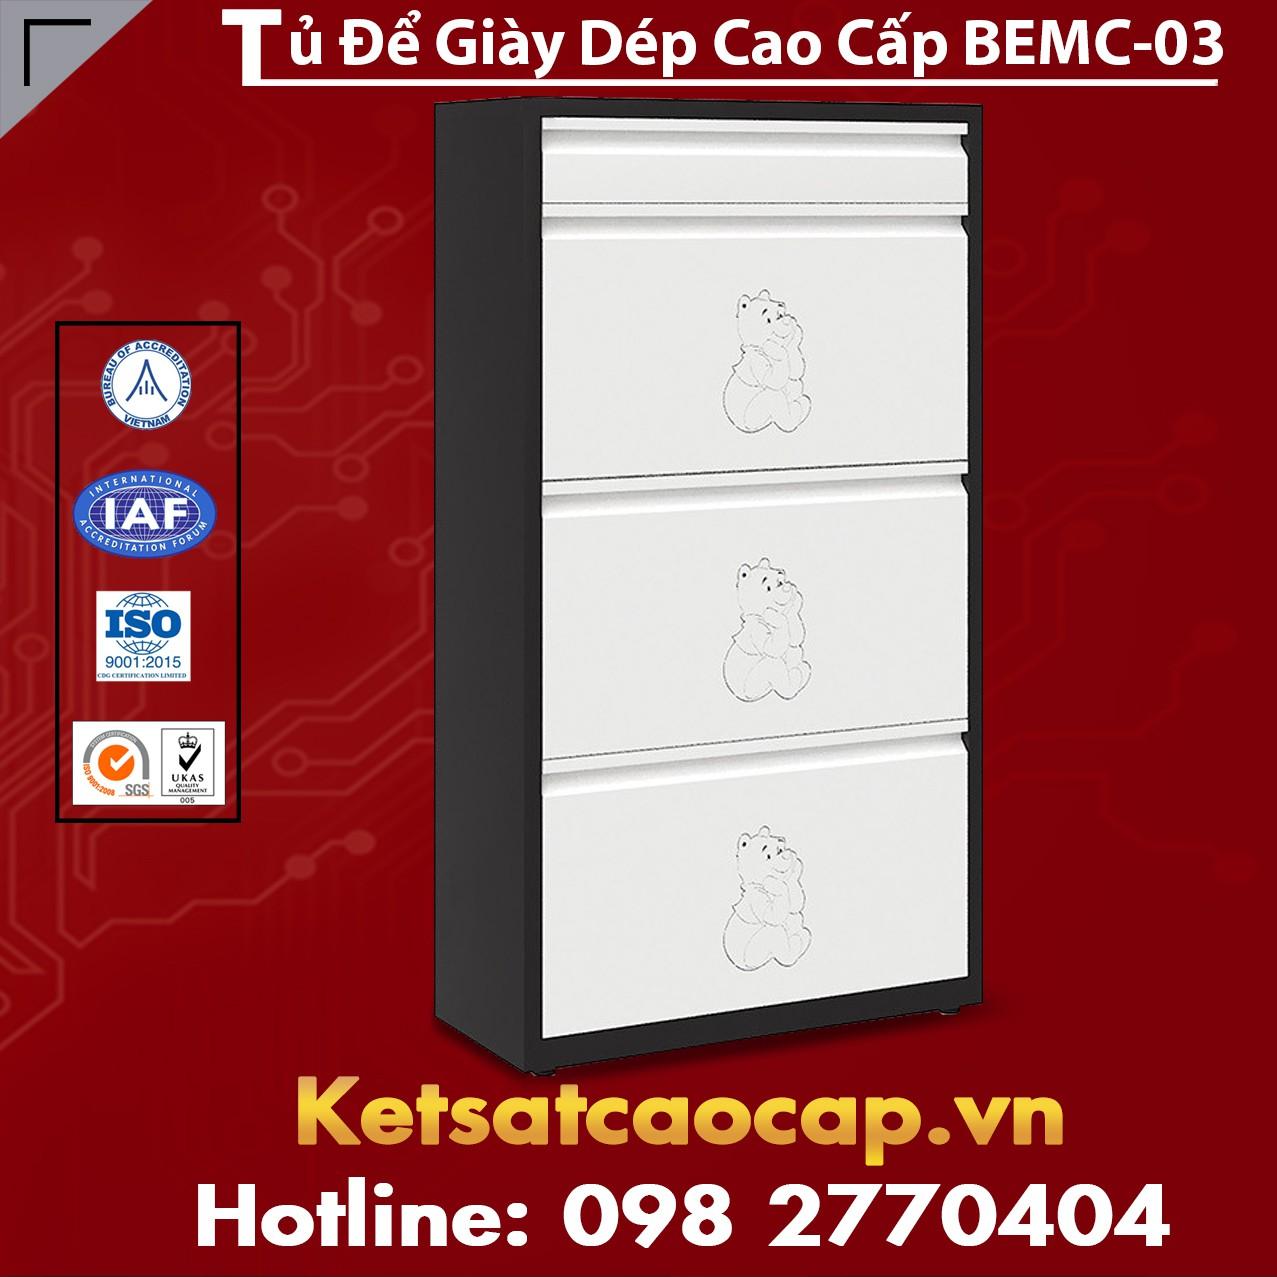 Tủ Để Giày Dép Cao Cấp BEMC-03